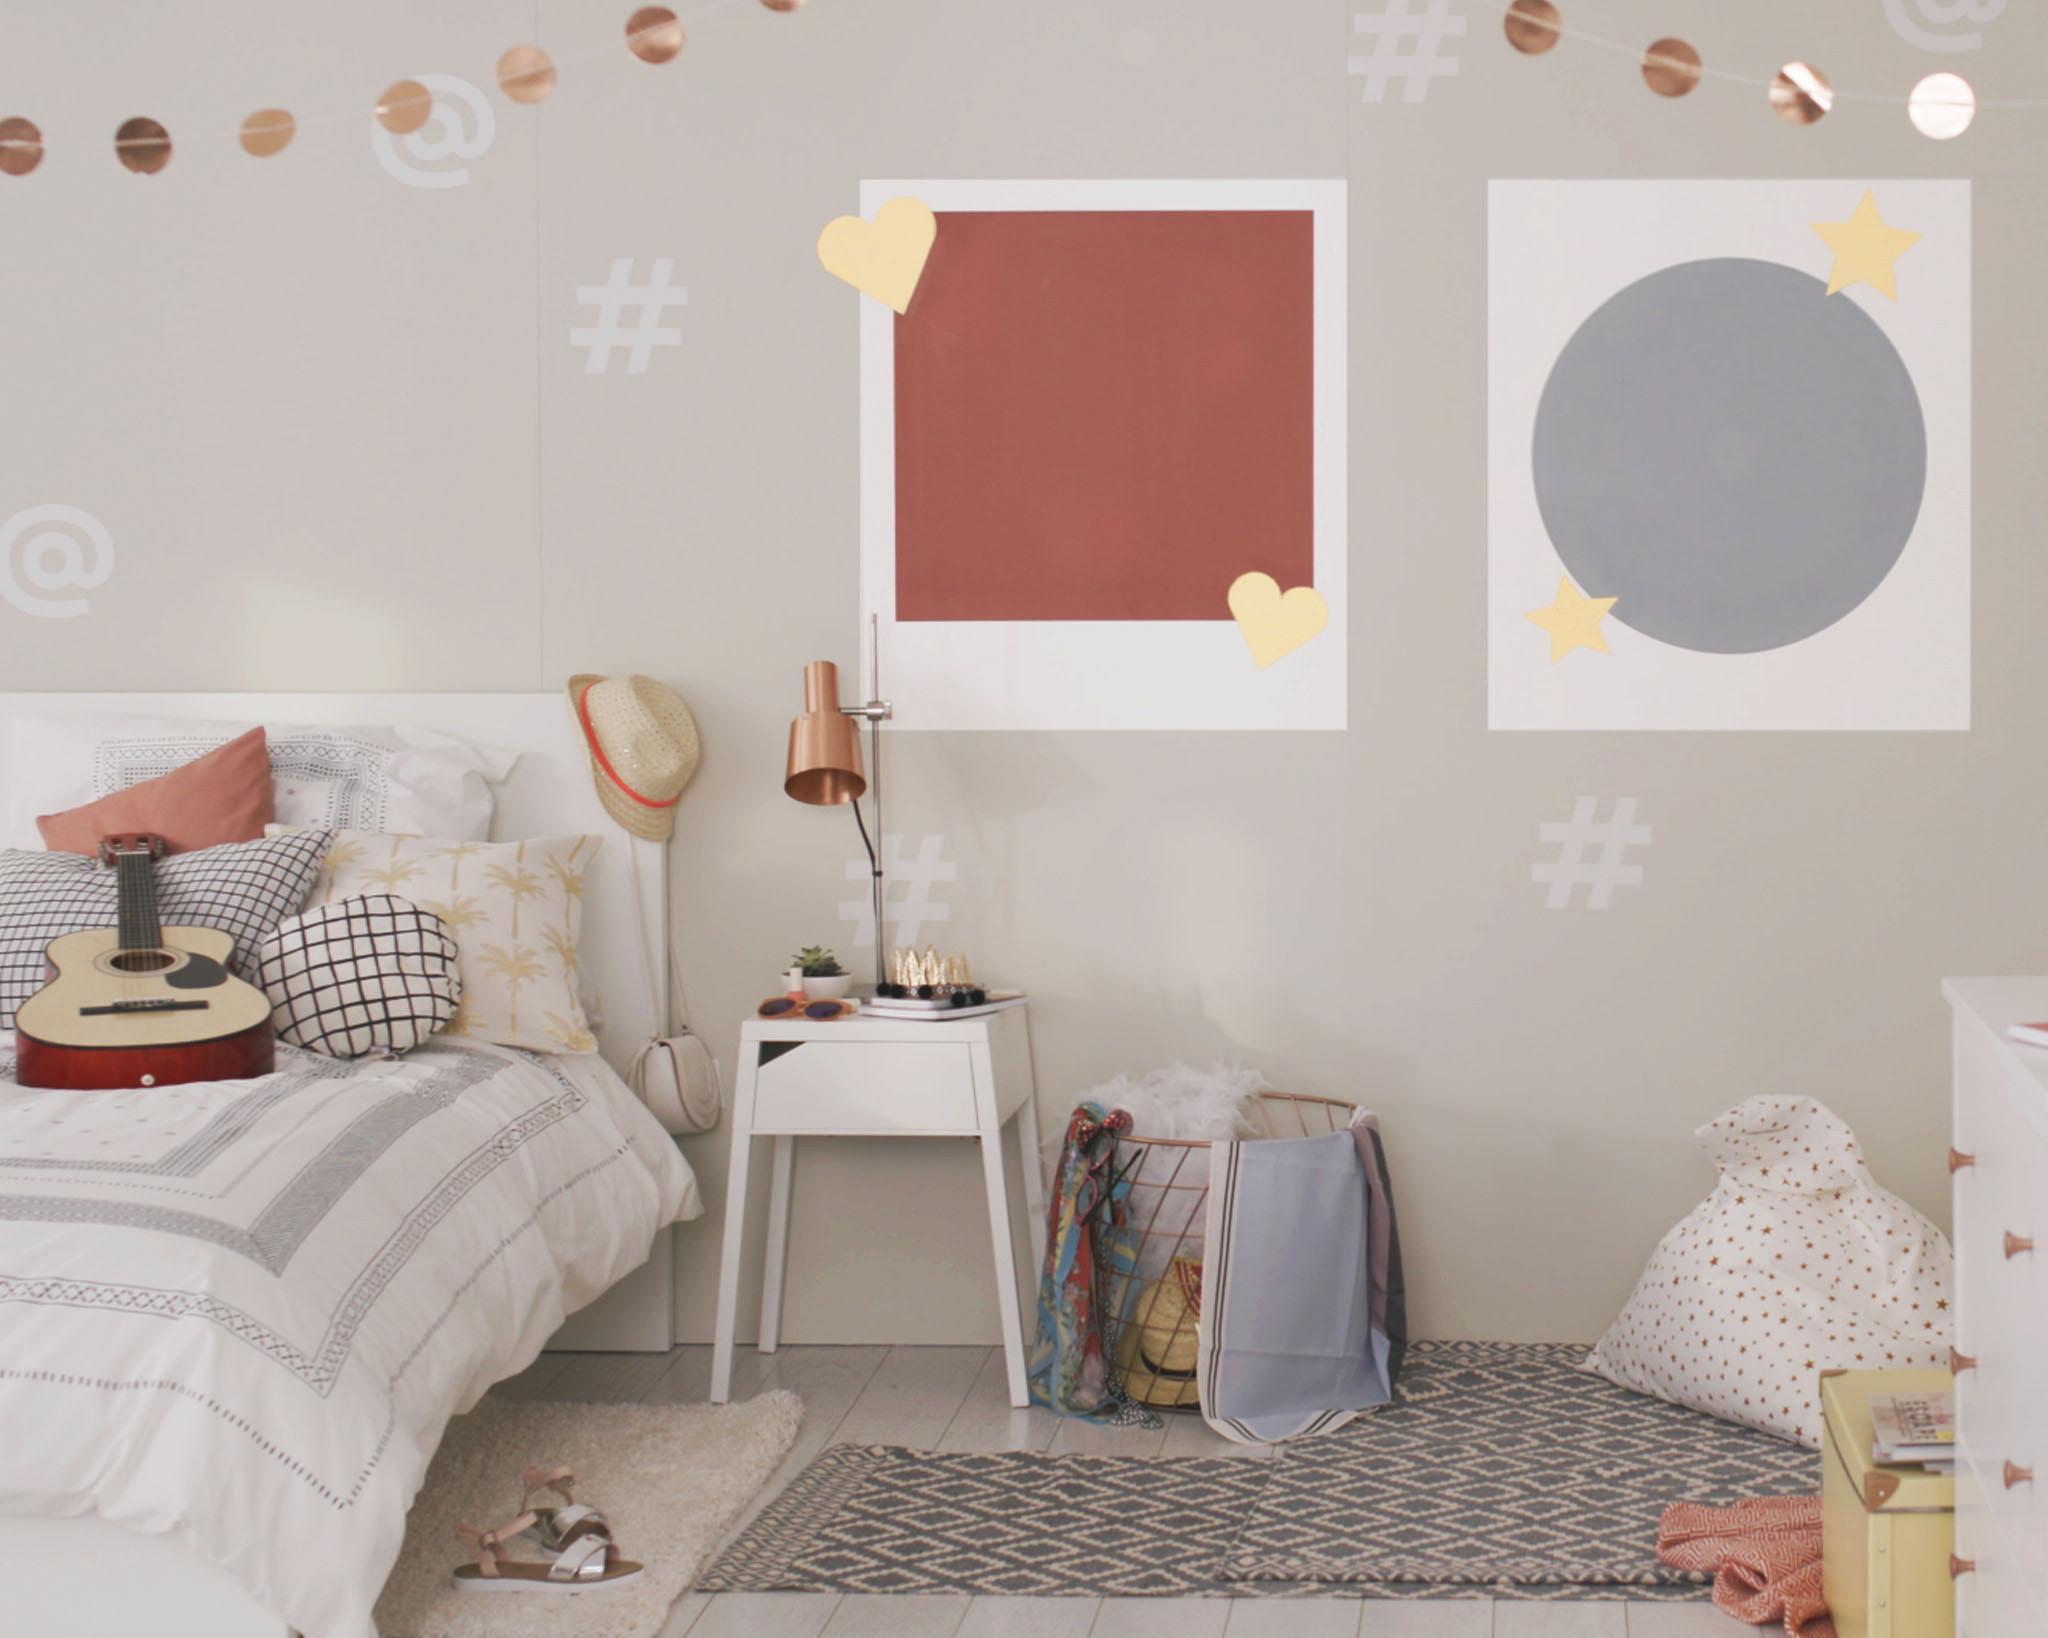 Como decorar habitaciones juveniles pequeñas